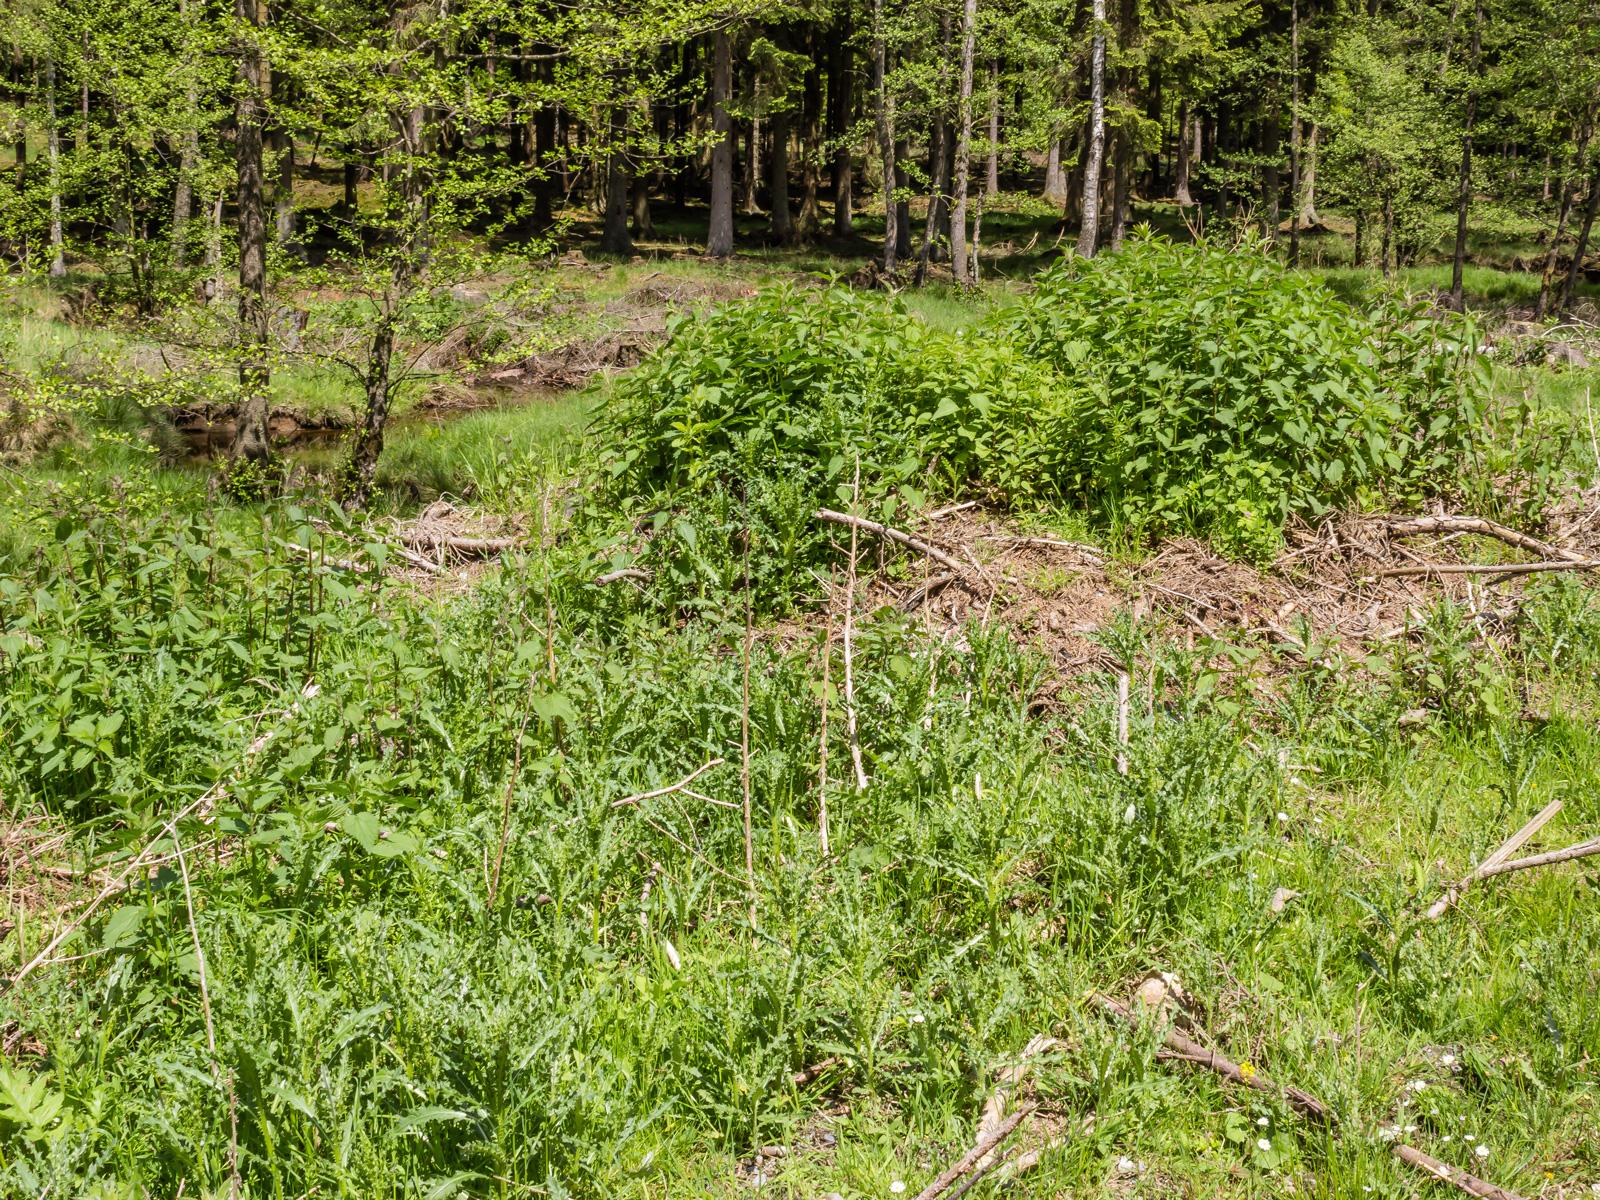 Disteln und Brennnesseln auf Hügel mit Astabfall